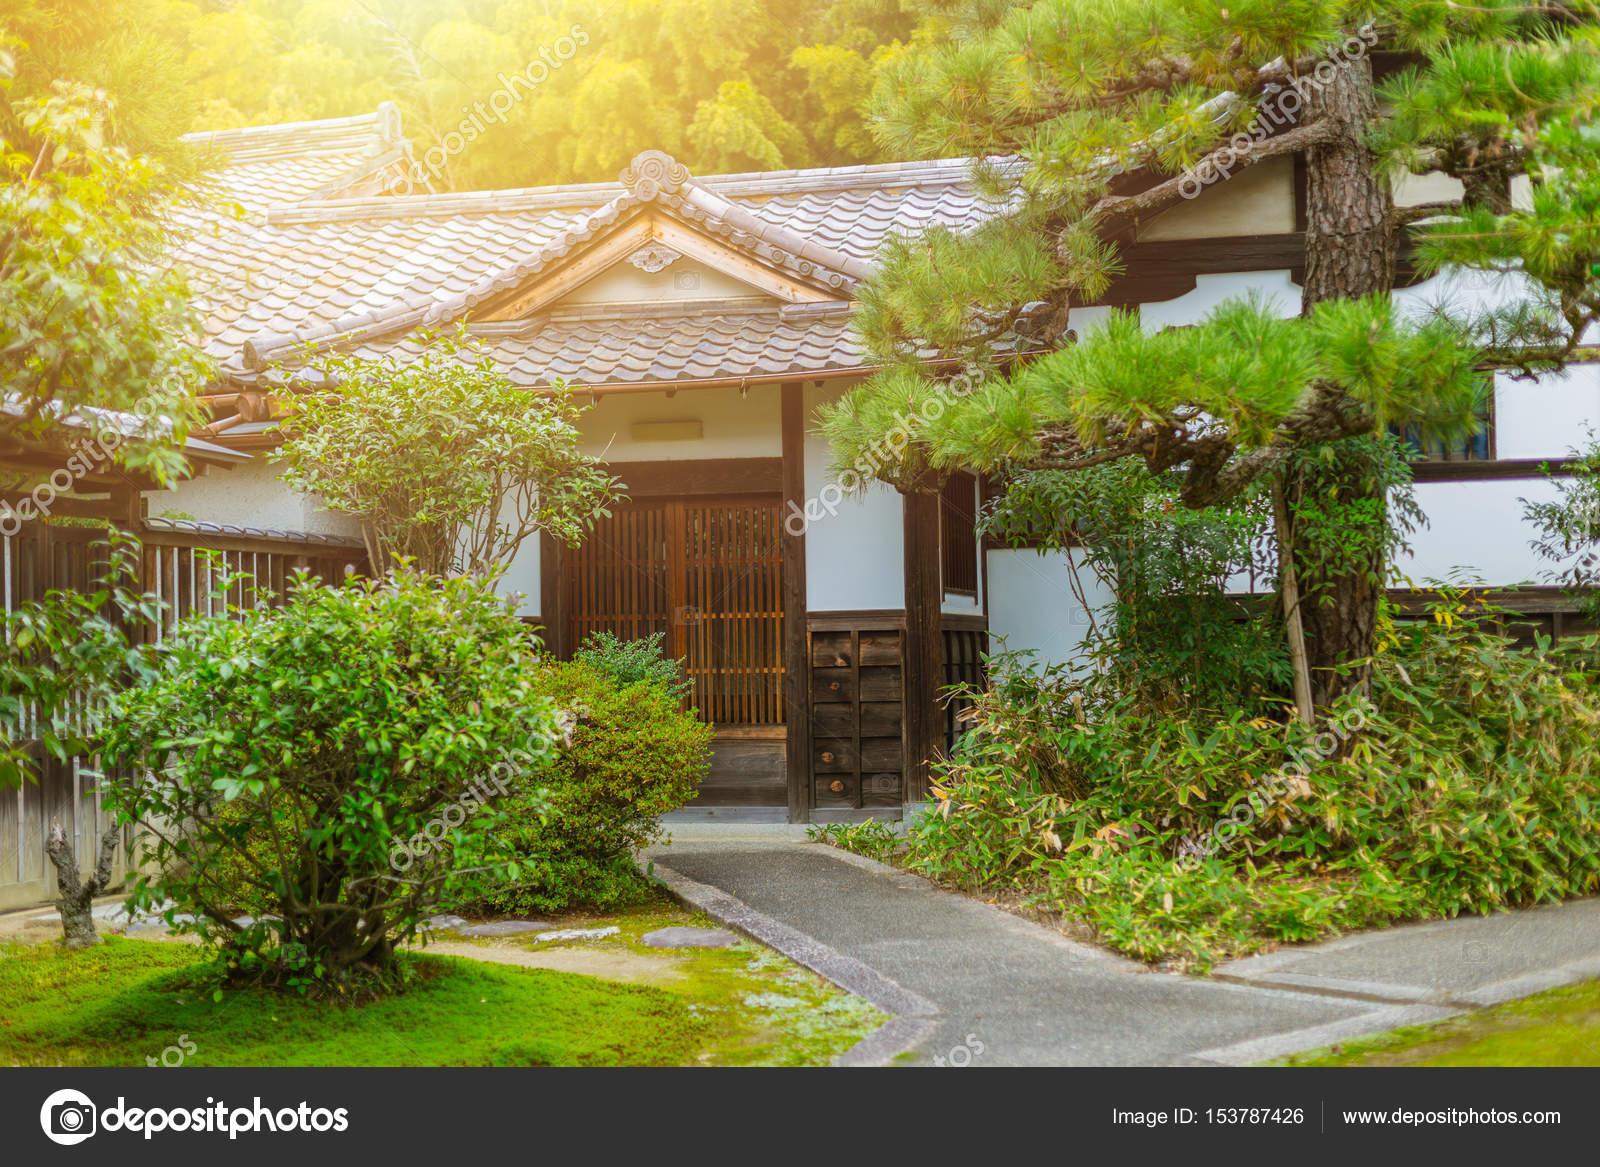 Japan haus garten zen stil traditioneller asiatischer architektur stockfoto coffeekai - Decoration japonaise pour jardin ...